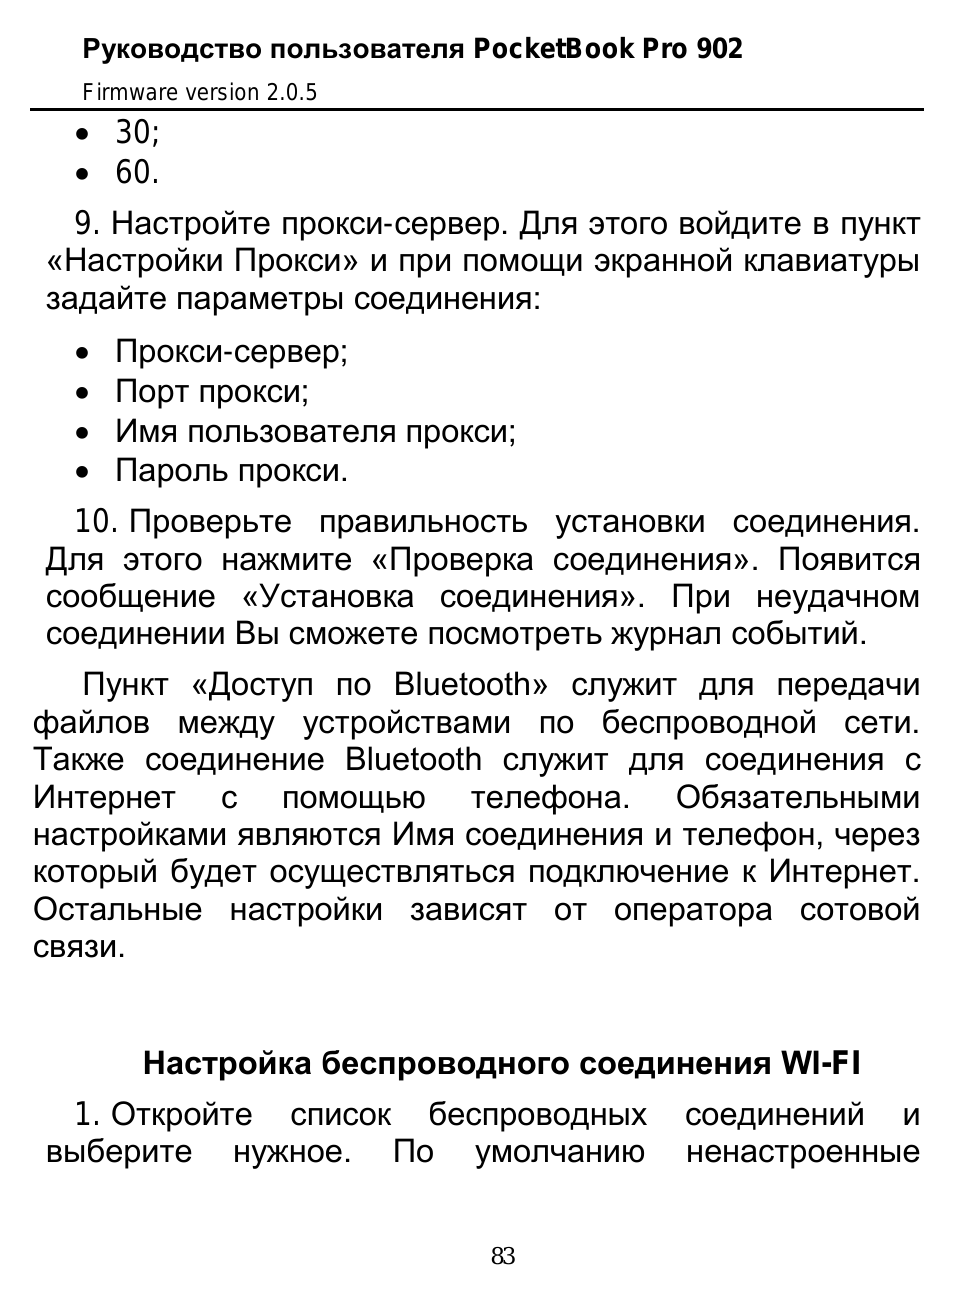 Настройка беспроводного соединения wi-fi